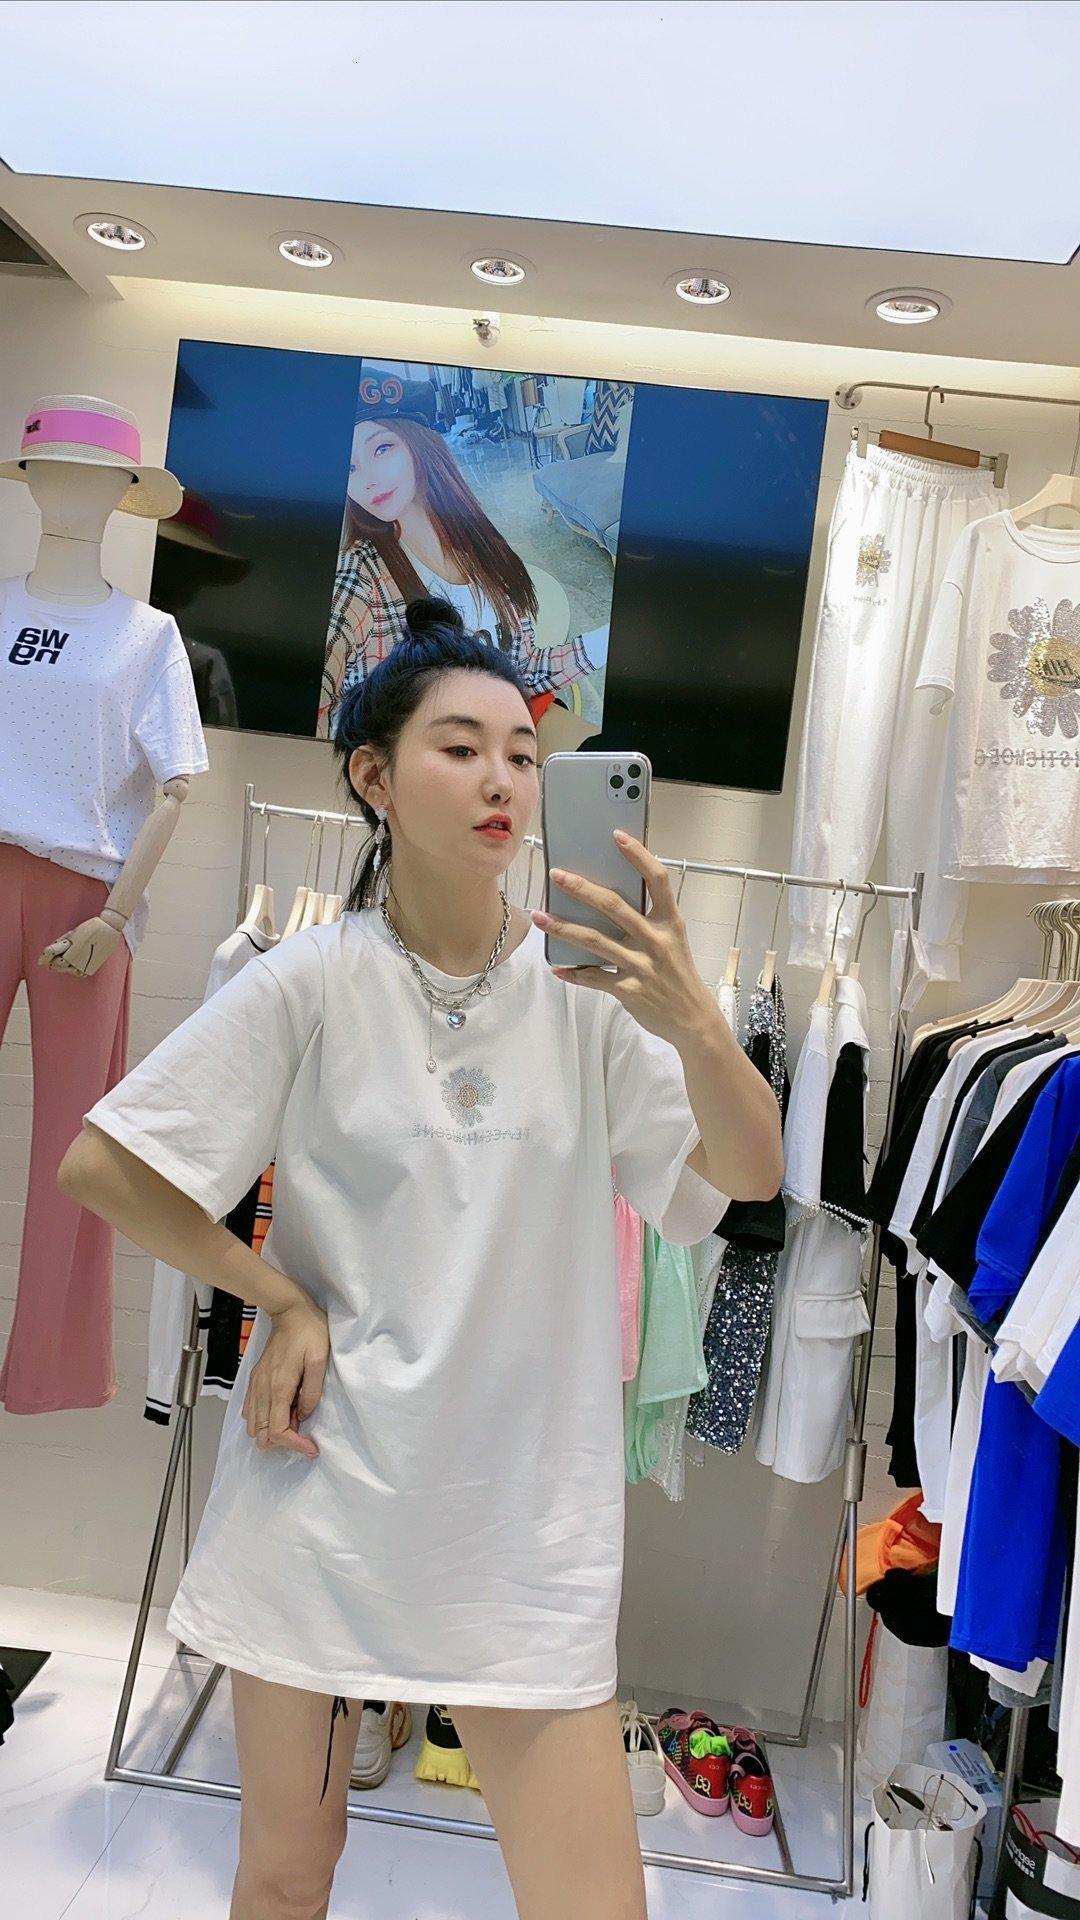 2020 yüksek kaliteli yeni bayanlar kısa kollu üst yaz gömlek moda tişört iyi bayan giyim FFE3